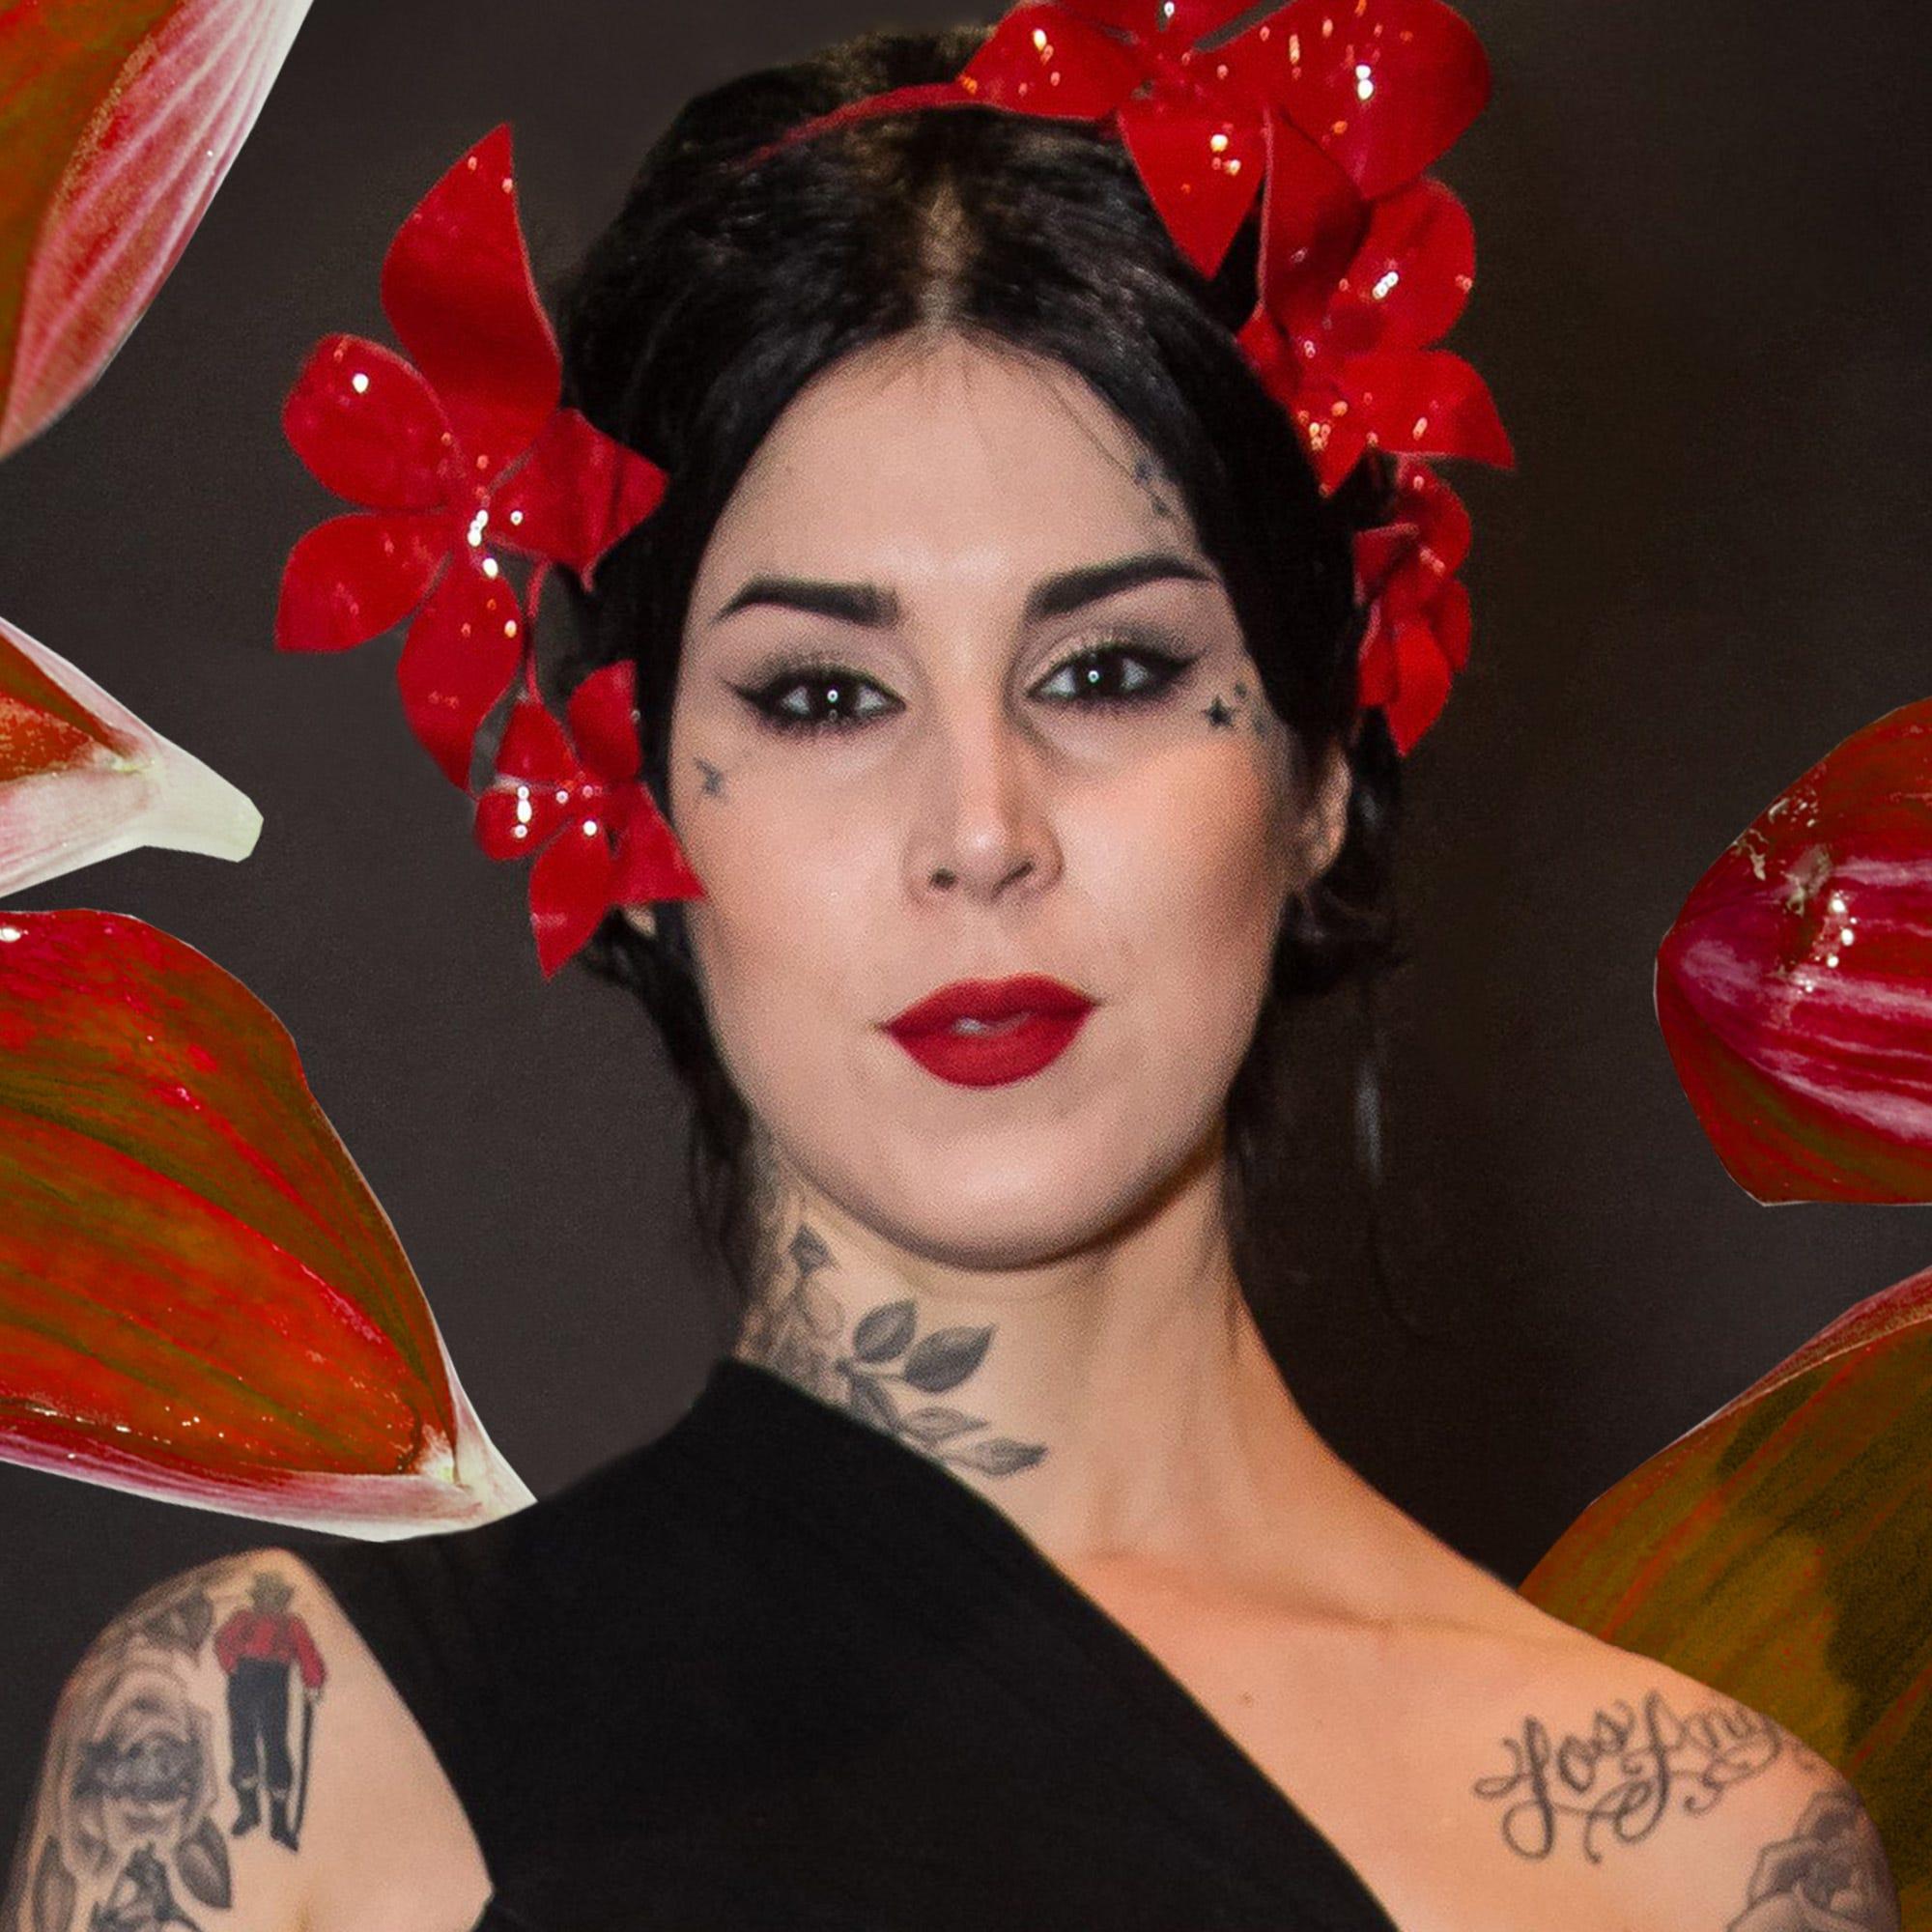 Kat Von D Marries Rafael Reyes In Glam Goth Wedding